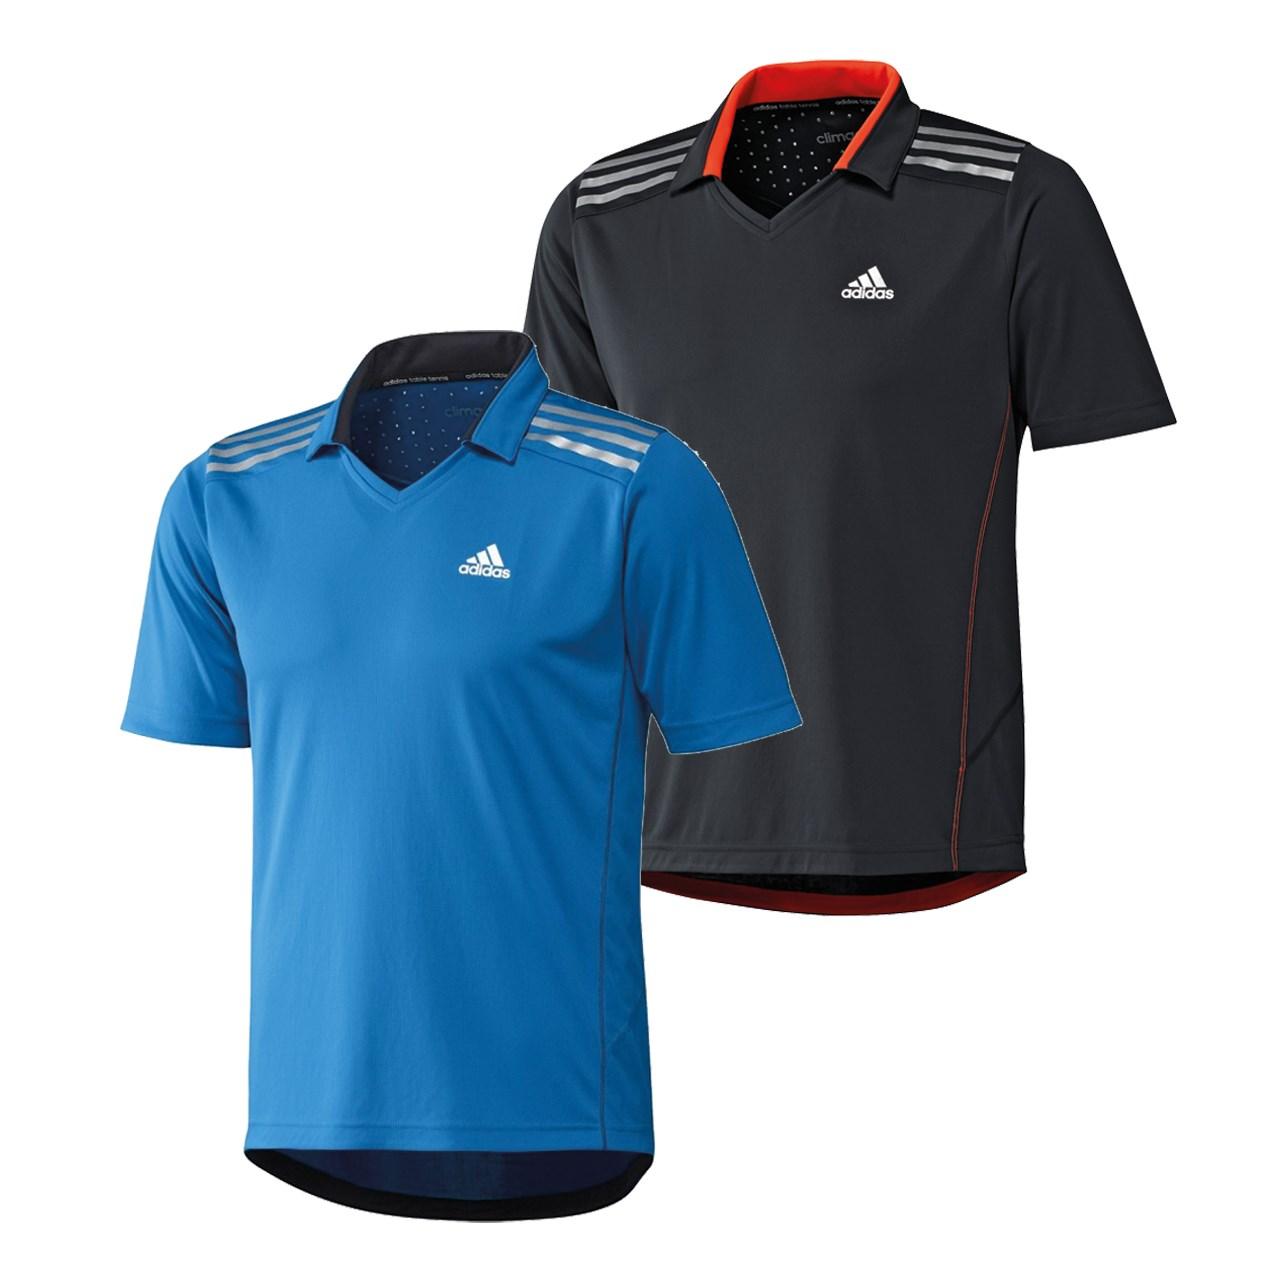 ست پیراهن ورزشی مردانه آدیداس مدل Climachill  بسته دو عددی